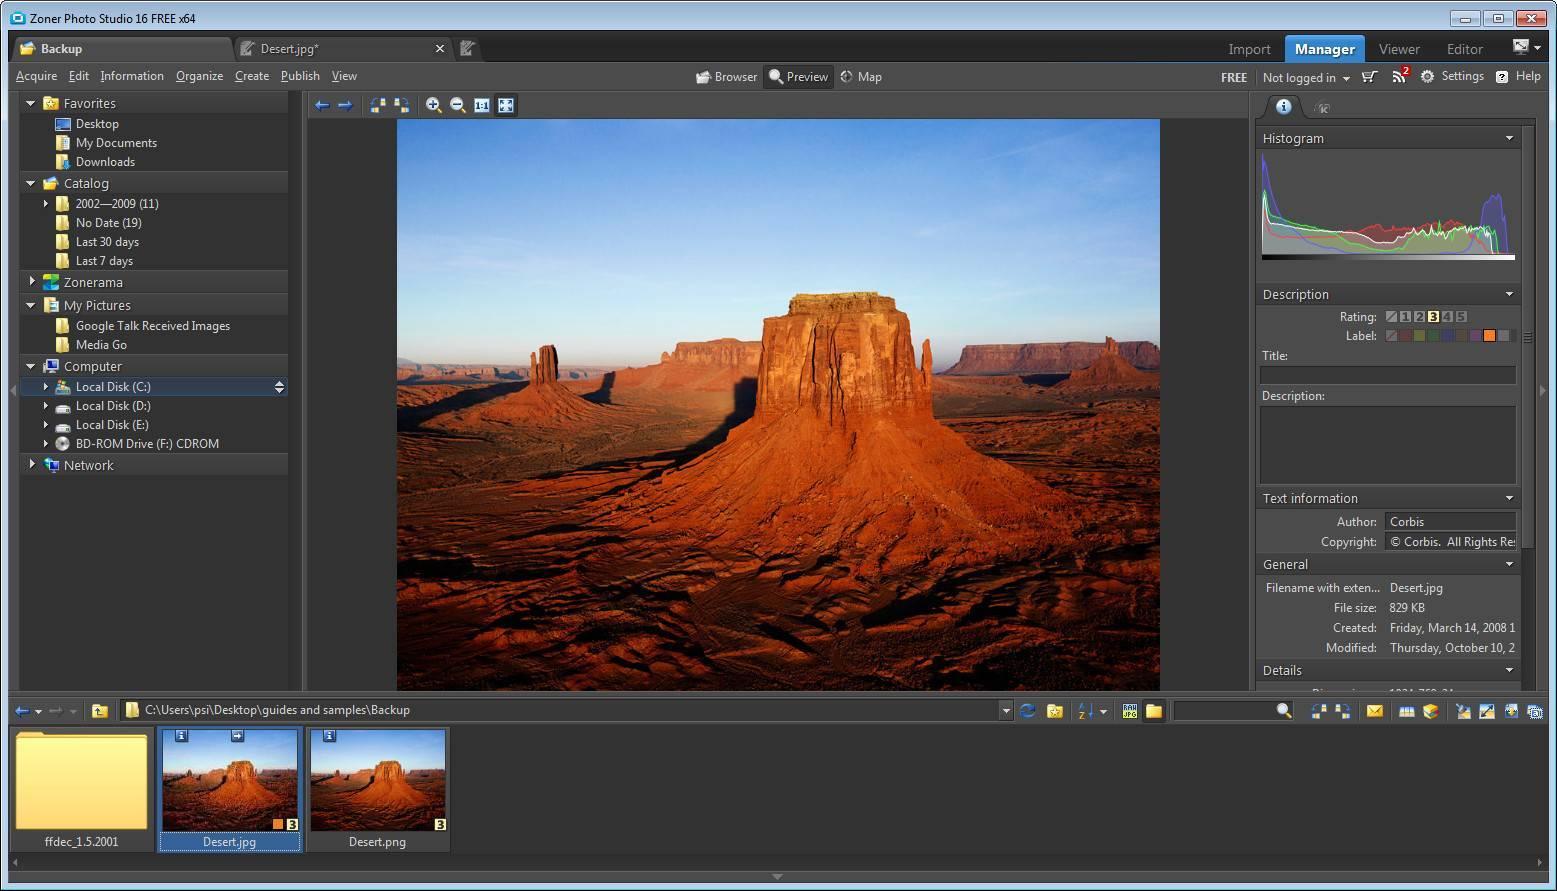 Zoner photo studio slideshow